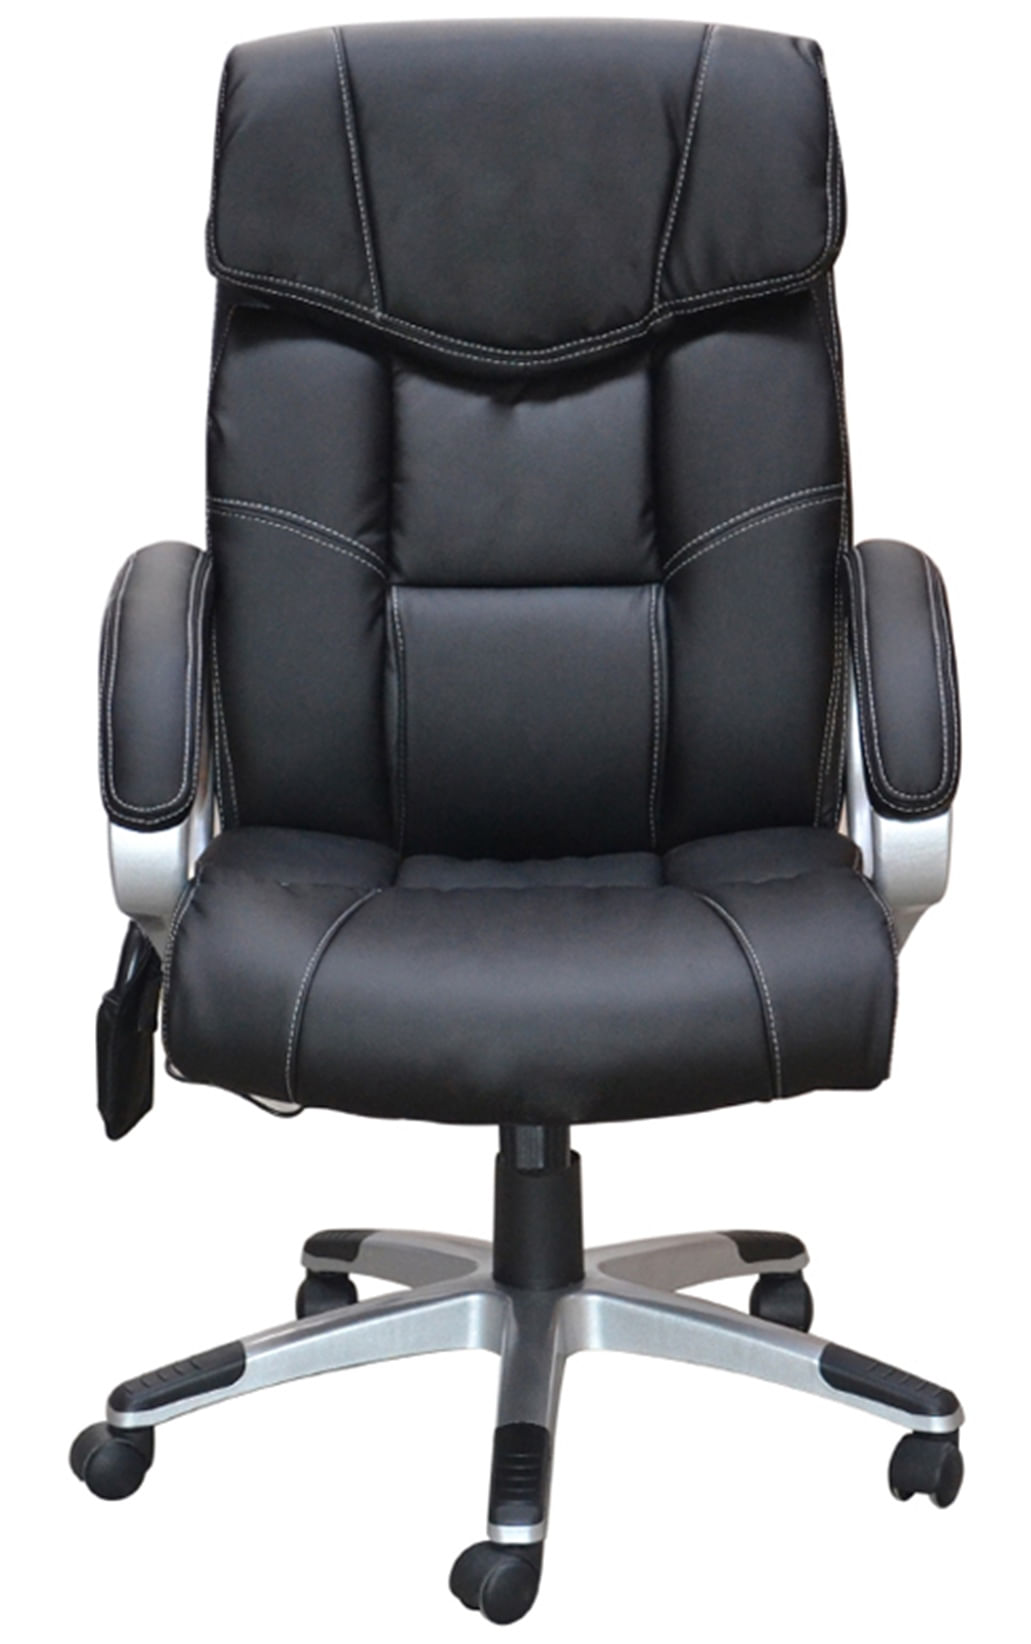 Cadeira Office Cartagena Assento PU Preto com Sistema de Massagem e Base Nylon - 45070